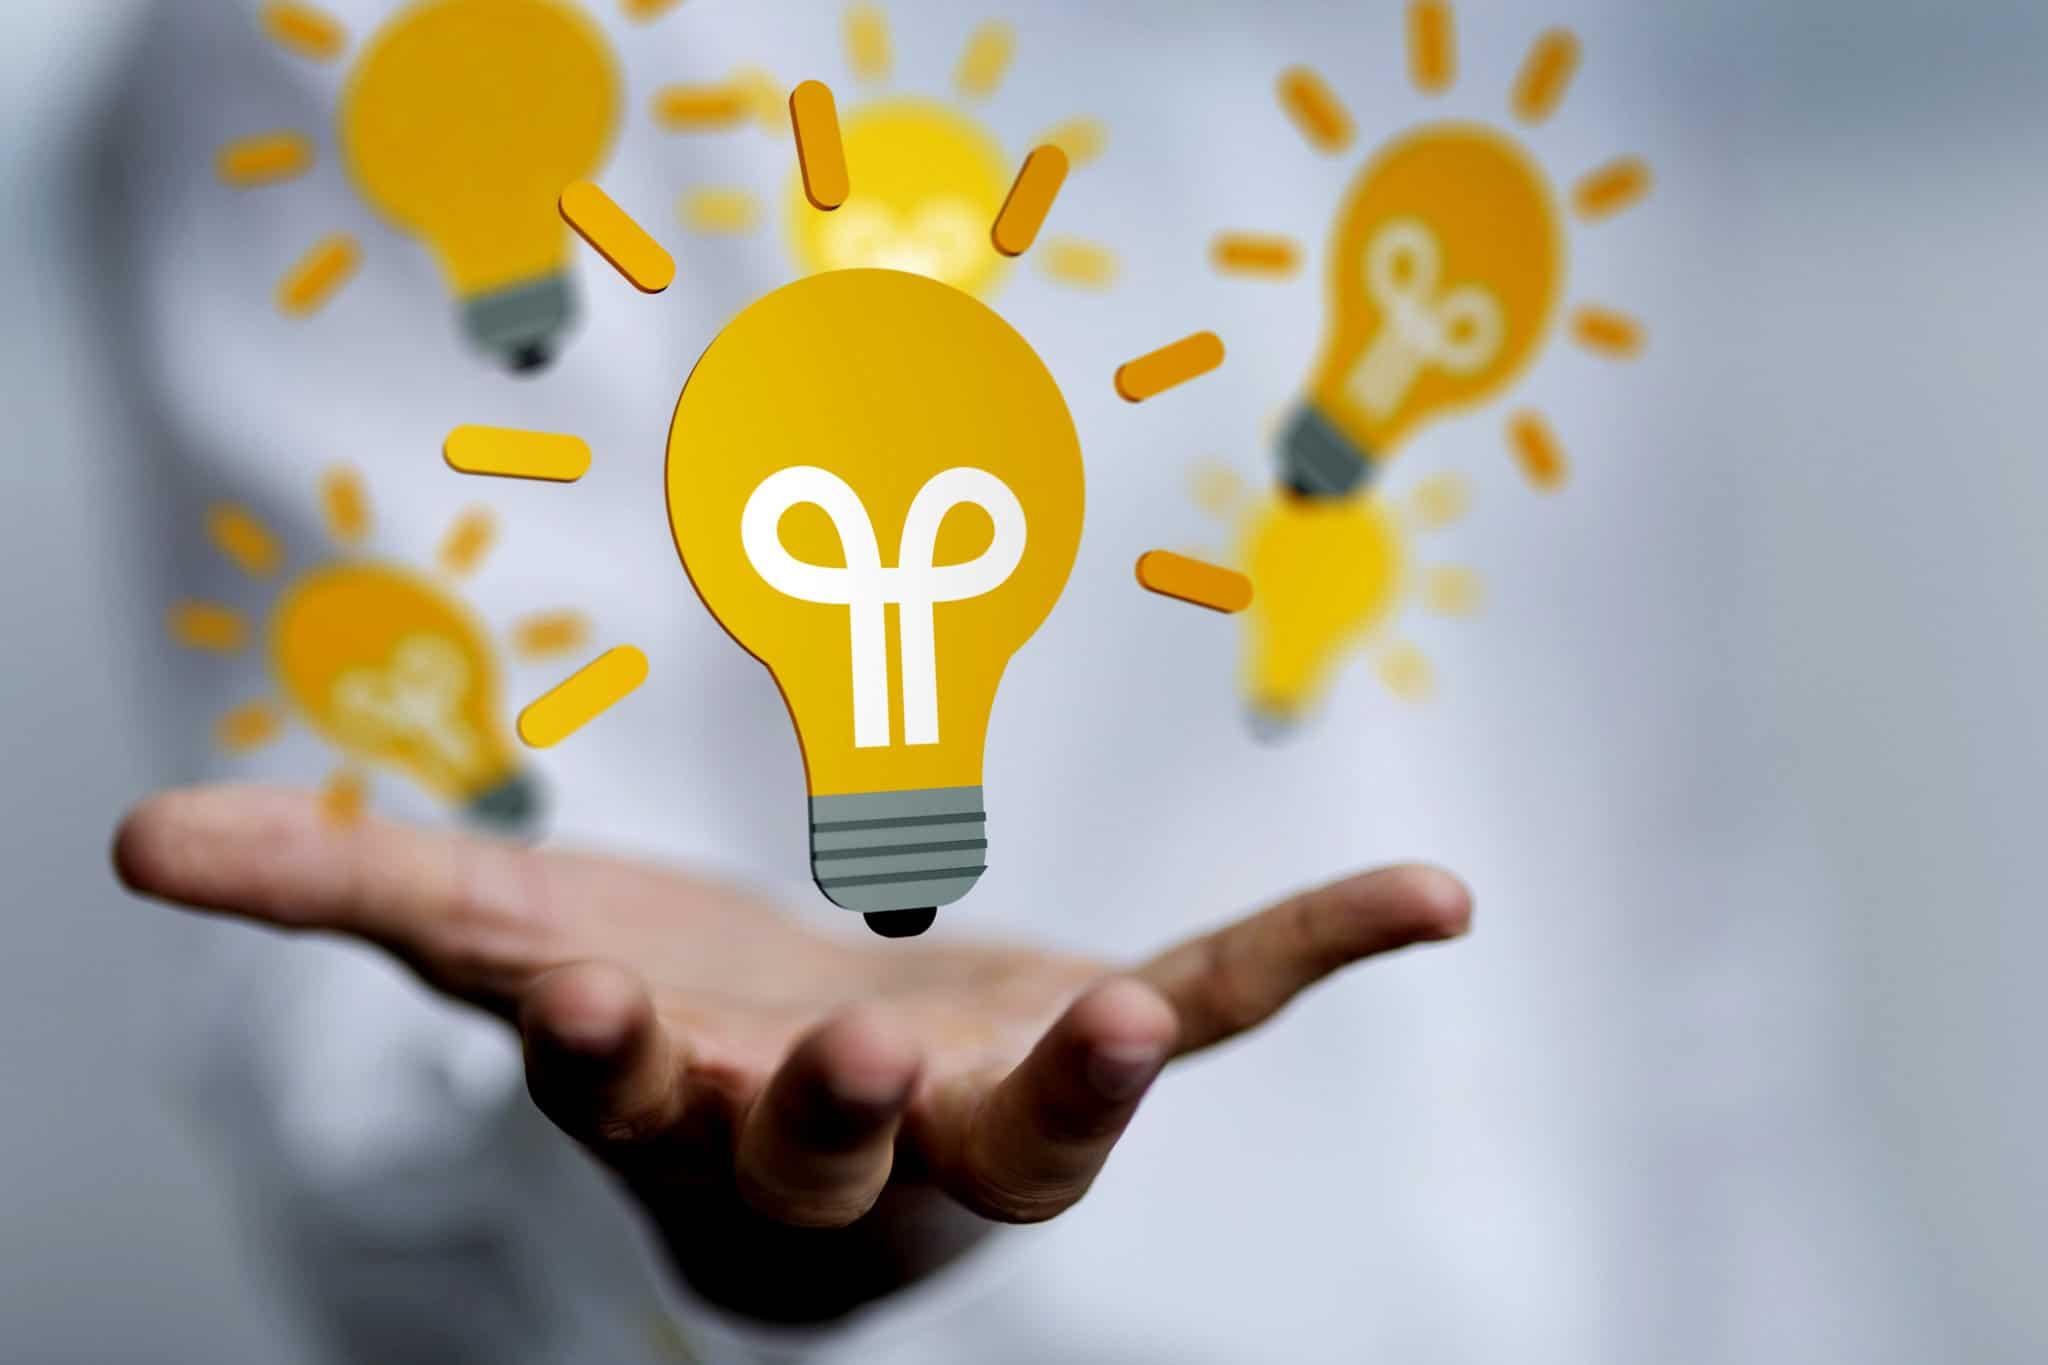 Logo idée avec une ampoule.